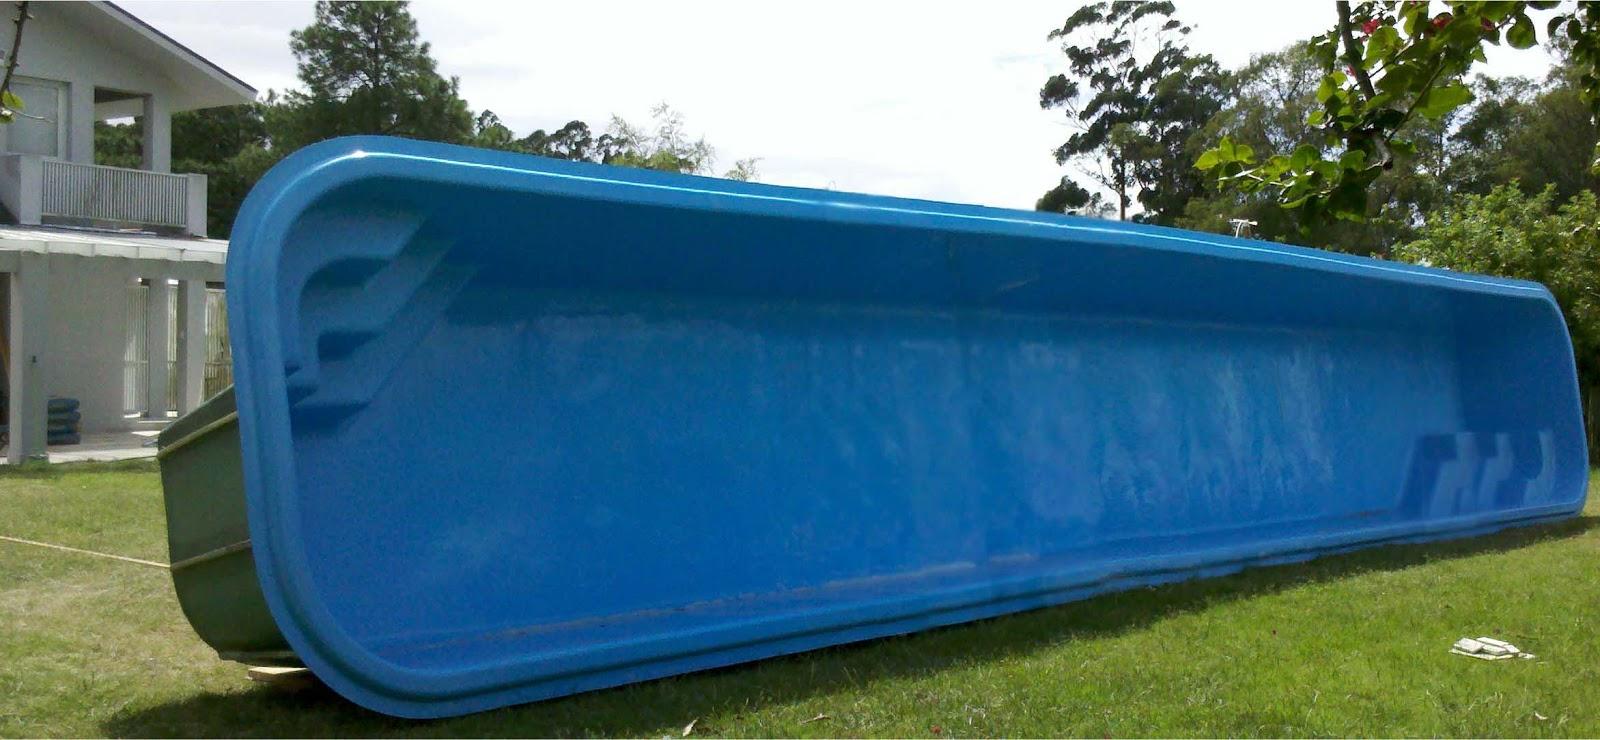 Uniglass spas piscinas e banheiras for Modelos de piscinas de campo